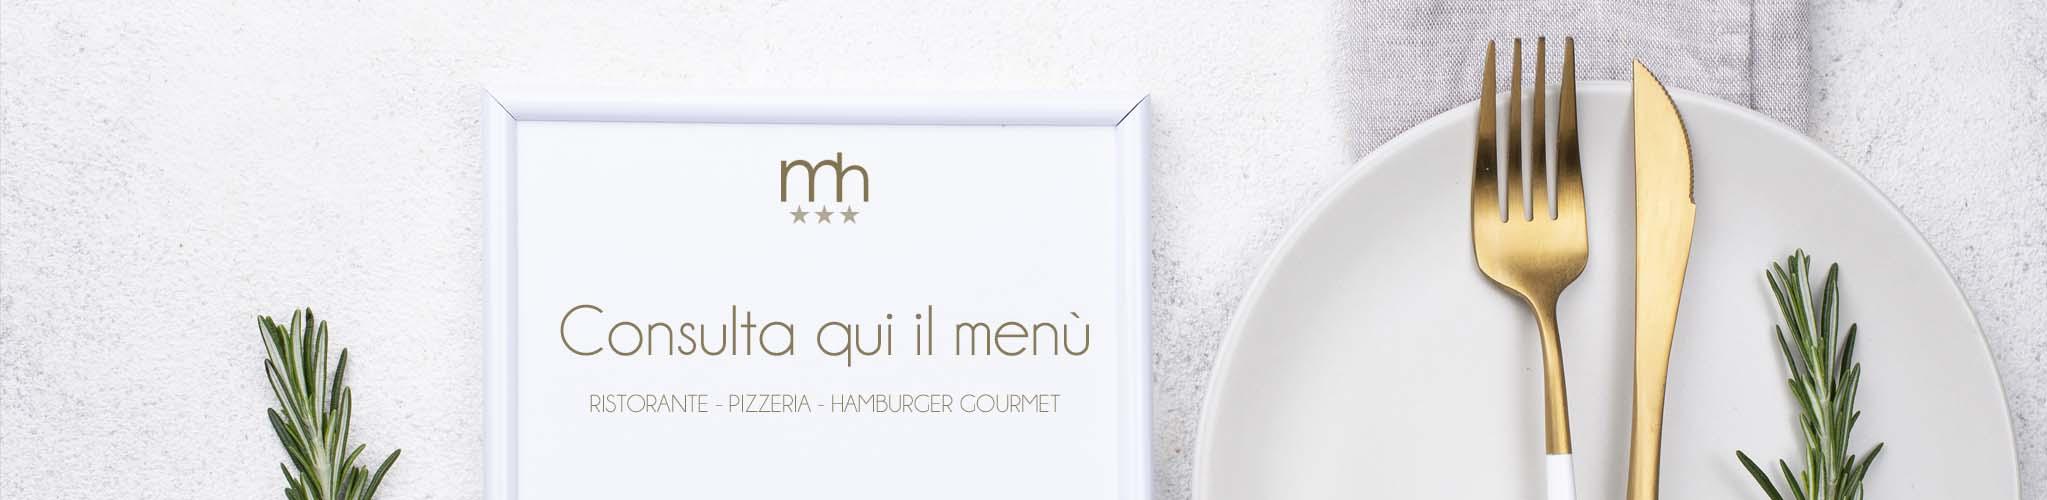 Consulta il nostro menù digitale ed ordina